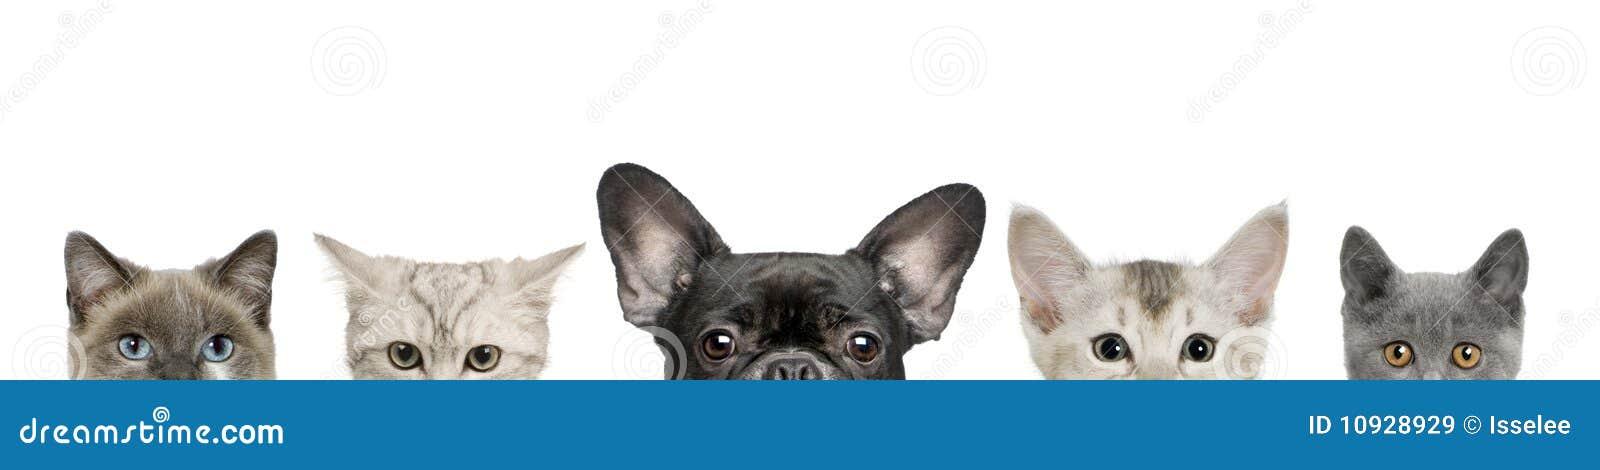 Cabeças da cabeça e do gato de cão